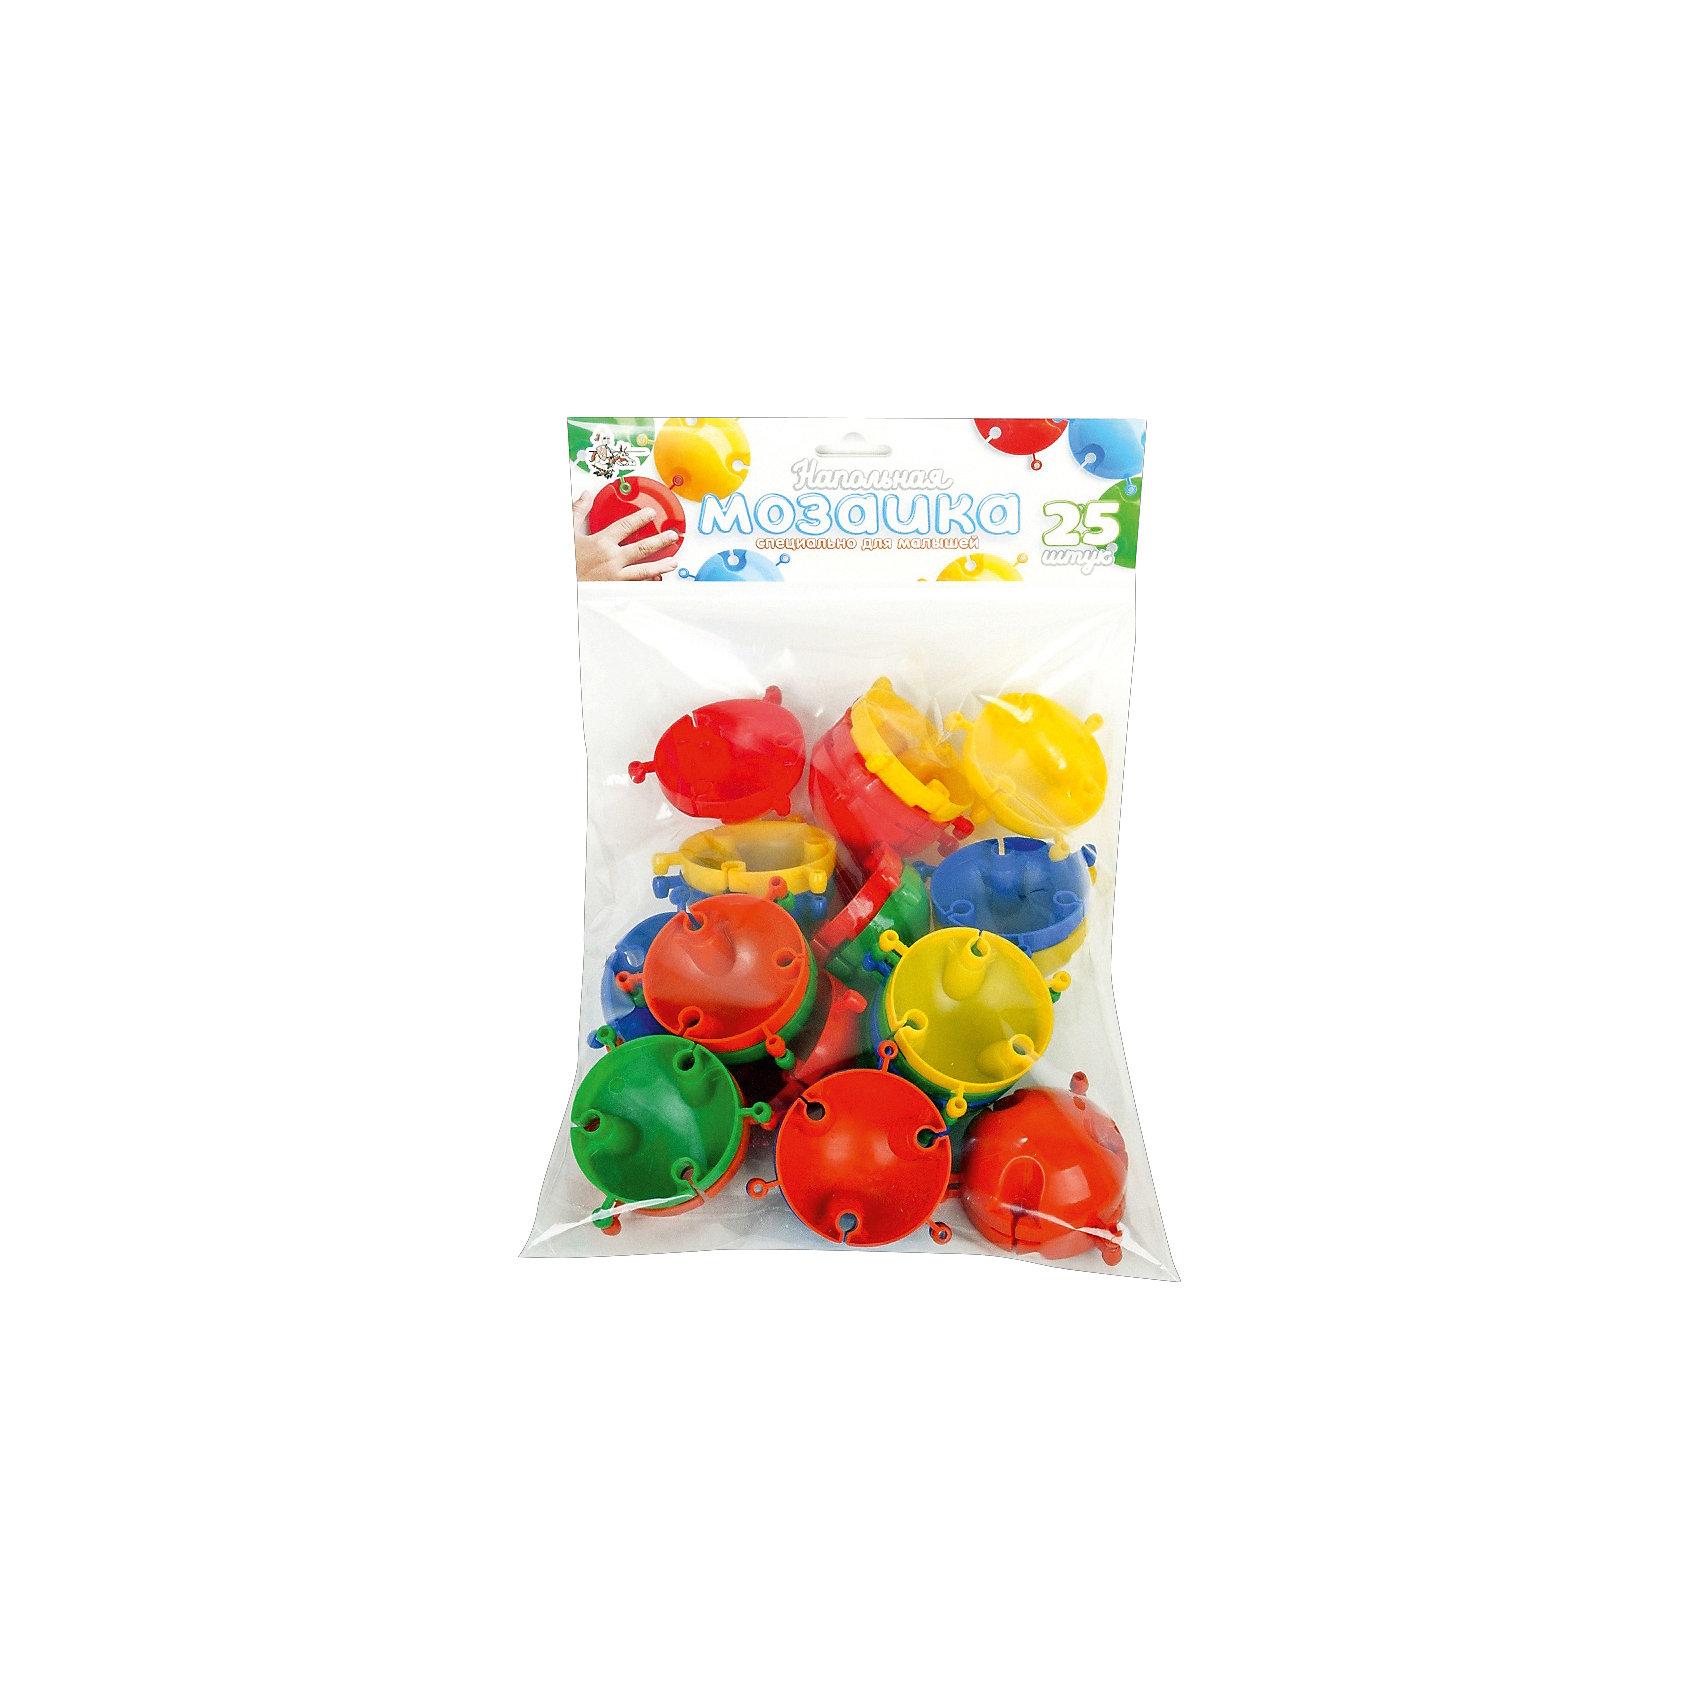 Напольная мозаика с крупными фишками, 25 деталей, Десятое королевствоМозаика<br>Напольная мозаика с крупными фишками, 25 деталей, Десятое королевство<br><br>Характеристики: <br><br>• Возраст: от 3 лет<br>• Материал: пластик<br>• Цвет: синий, красный, желтый, зеленый, голубой<br>• В комплекте: фишки (25 штук), наклейки-глазки<br><br>Из фишек этого набора ваш ребенок сможет собирать фигурки животных, а так же что угодно еще, на что хватит у него воображения. Всего в наборе содержится 25 цветных фишек 5-ти цветов: синий, красный, желтый, зеленый, голубой и глазки-наклейки для детализации животных. <br><br>Так как размер каждого элемента достигает 6 см, ваш ребенок сможет собирать действительно большие изображения. Благодаря тому, что каждая фигурка снабжена особыми пазами, для их использования не требуется применение отдельного игрового поля.<br><br>Напольная мозаика с крупными фишками, 25 деталей, Десятое королевство можно купить в нашем интернет-магазине.<br><br>Ширина мм: 350<br>Глубина мм: 228<br>Высота мм: 70<br>Вес г: 202<br>Возраст от месяцев: 36<br>Возраст до месяцев: 60<br>Пол: Унисекс<br>Возраст: Детский<br>SKU: 5473770